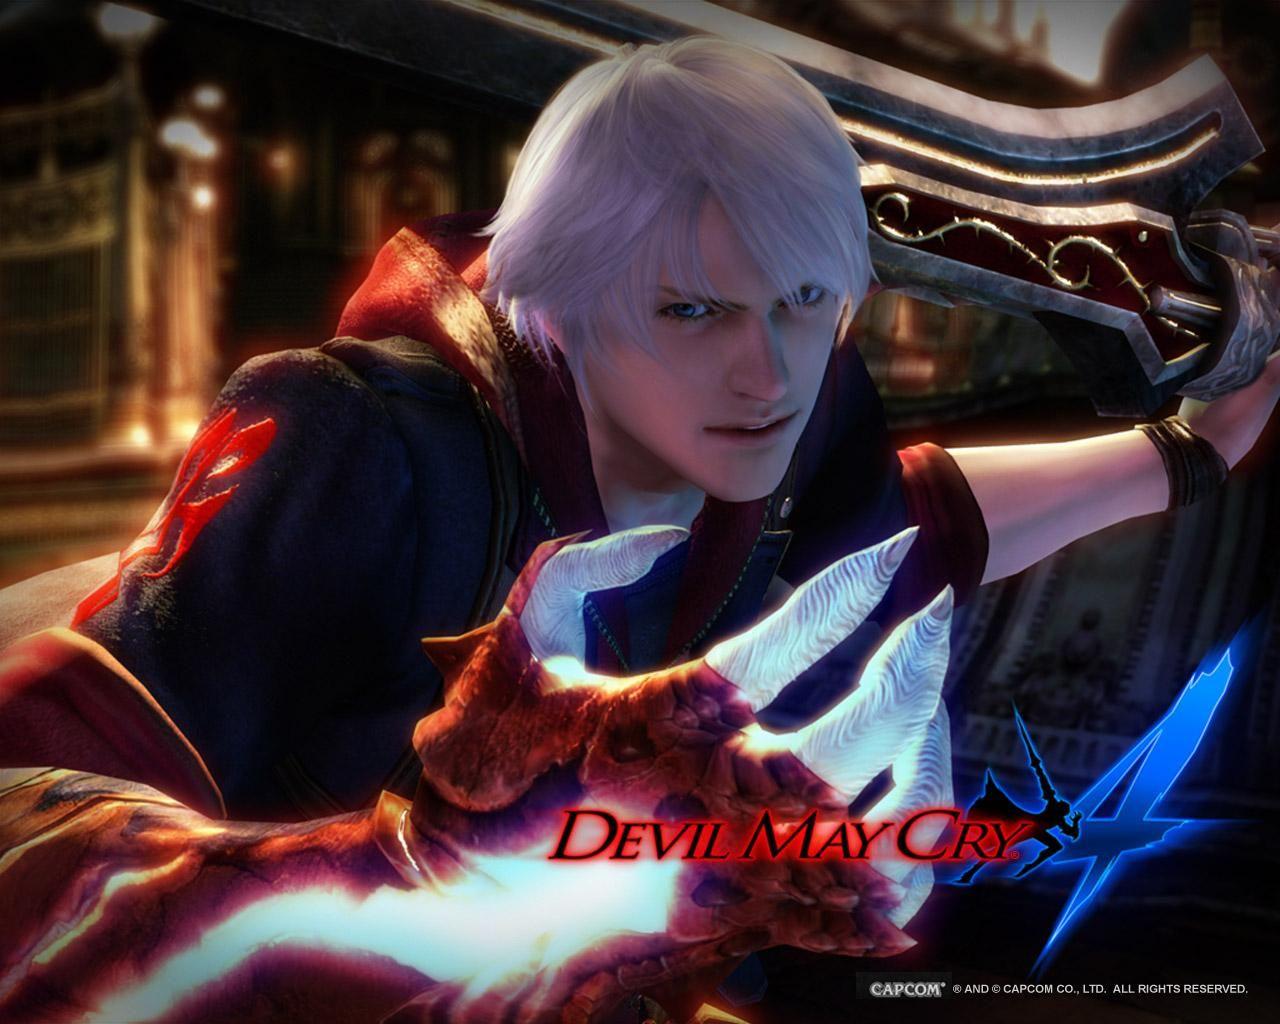 http://4.bp.blogspot.com/-vgQtntc6ghE/Tscc4XTJ-mI/AAAAAAAAA_I/Ln6vLmL1XHs/s1600/devil-may-cry-4-background-7-705686.jpg